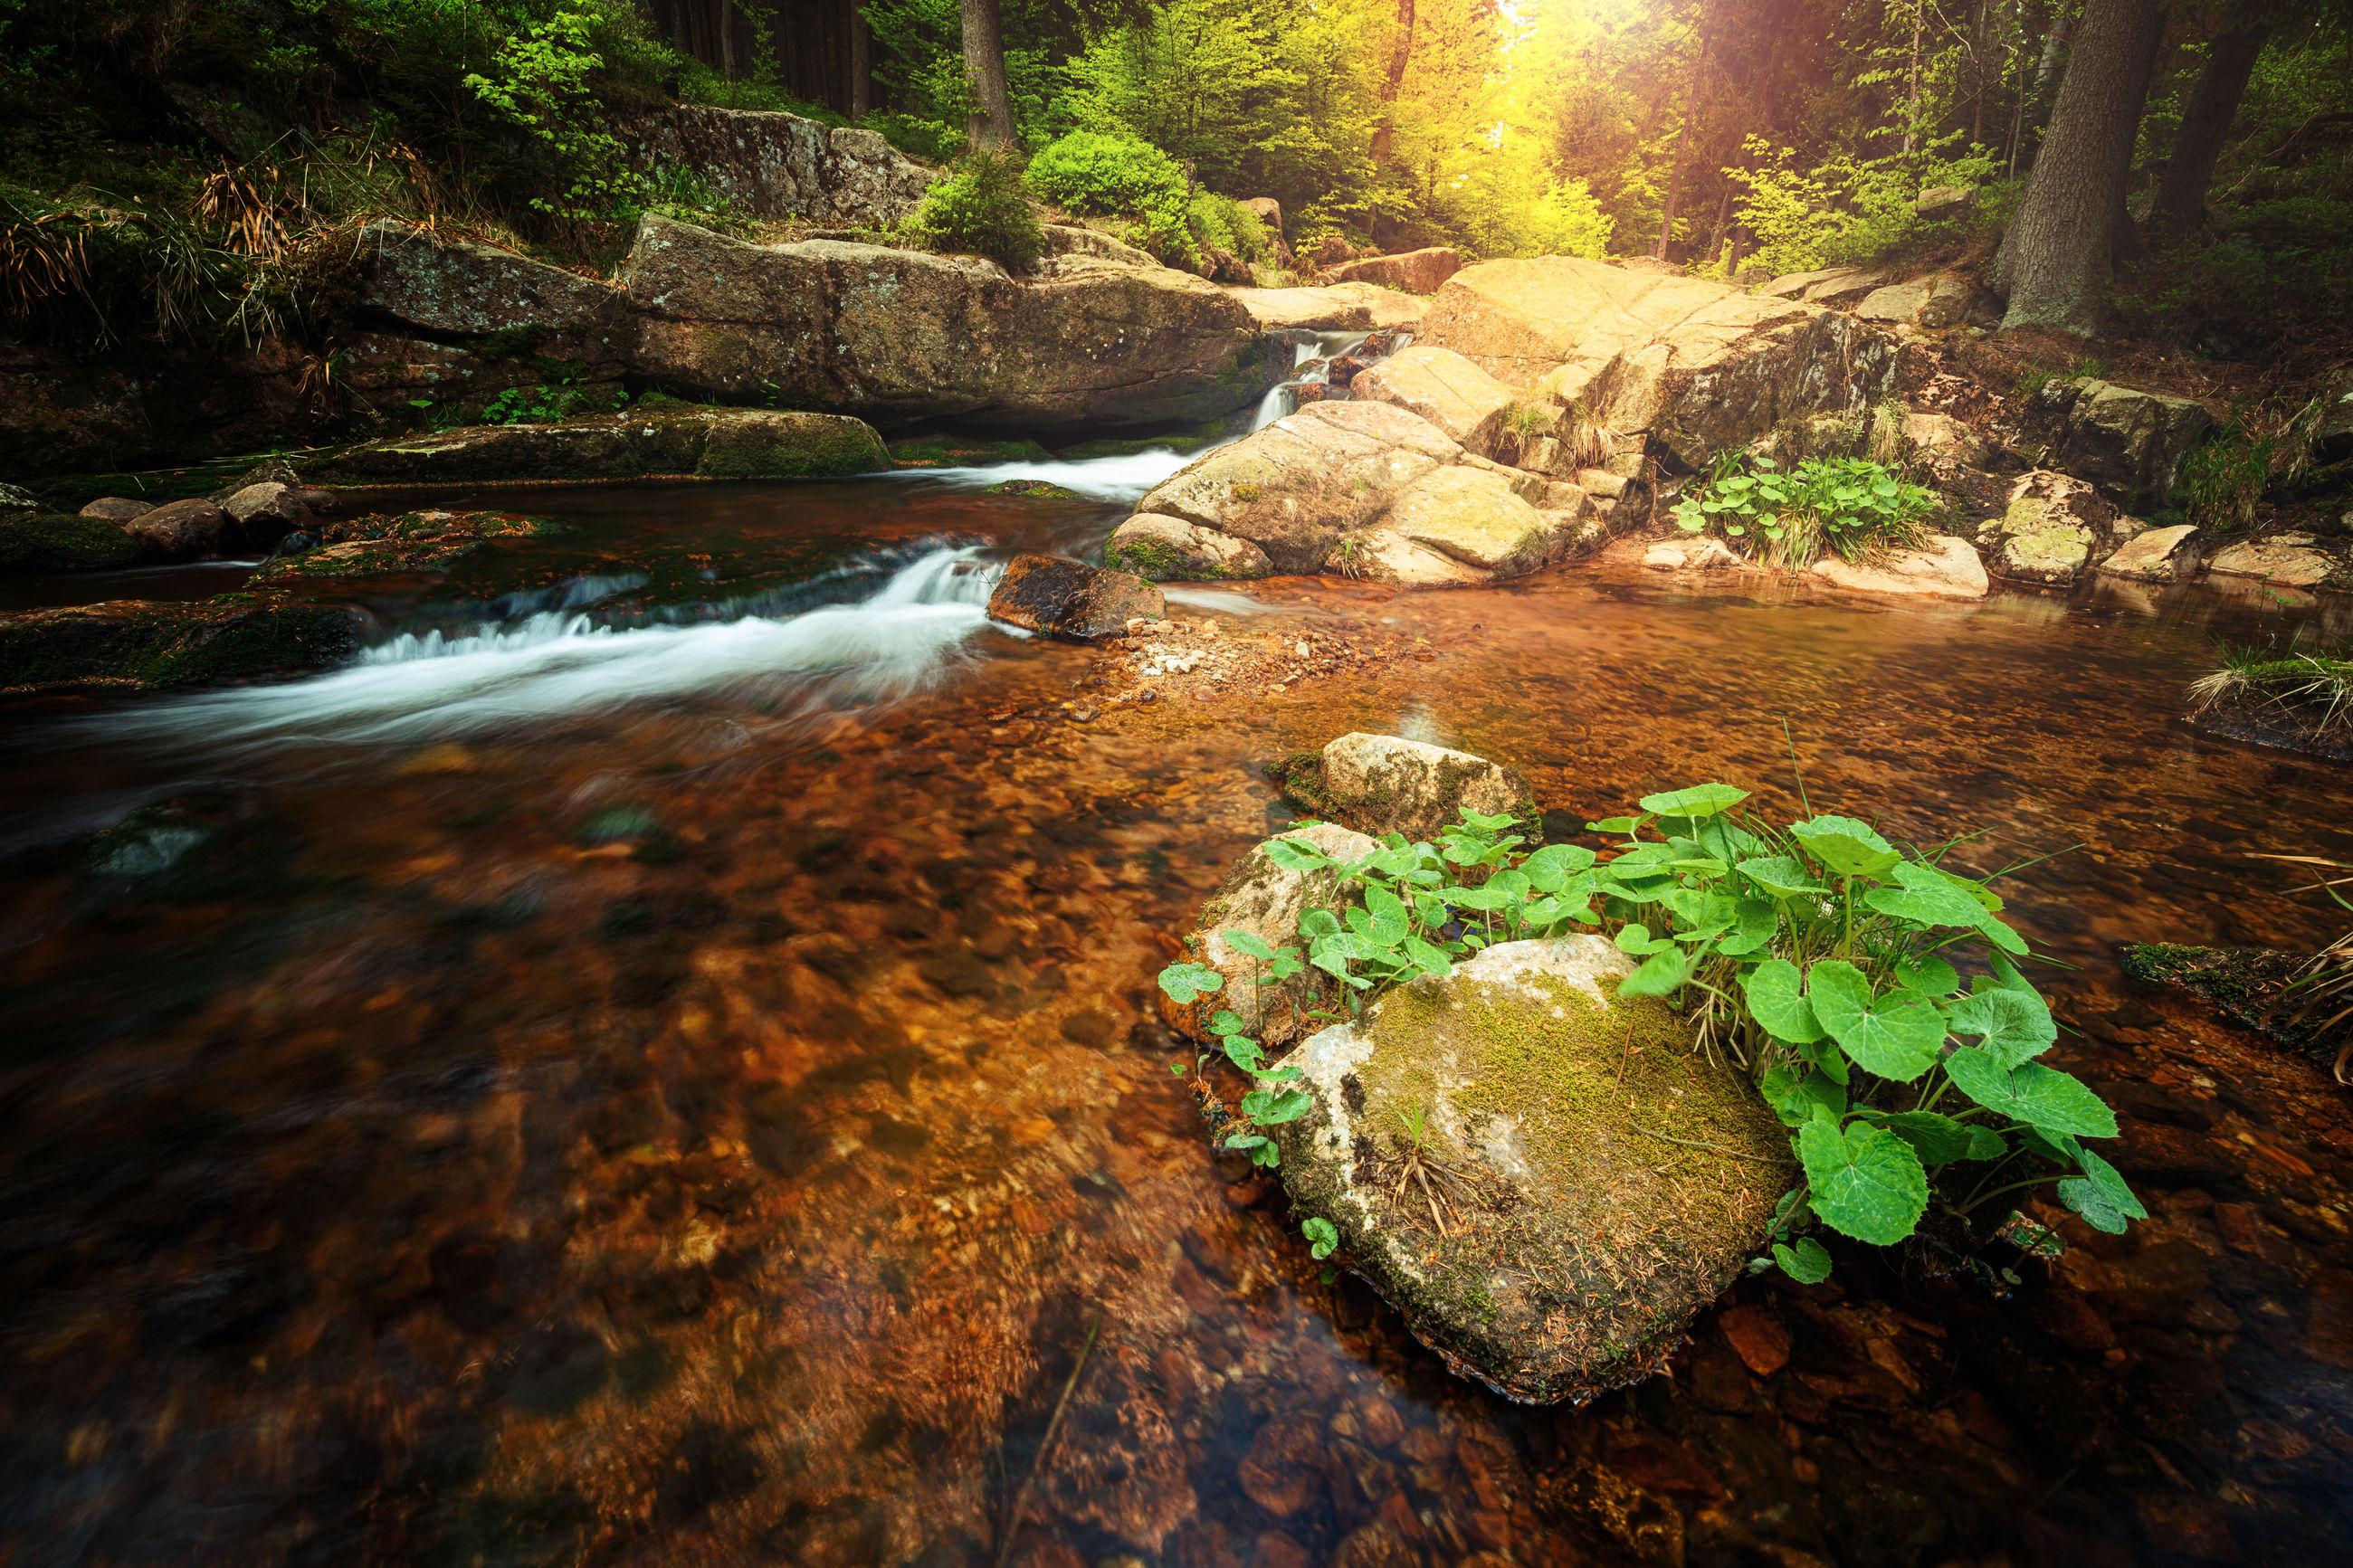 SCENIC VIEW OF ROCKS IN RIVER